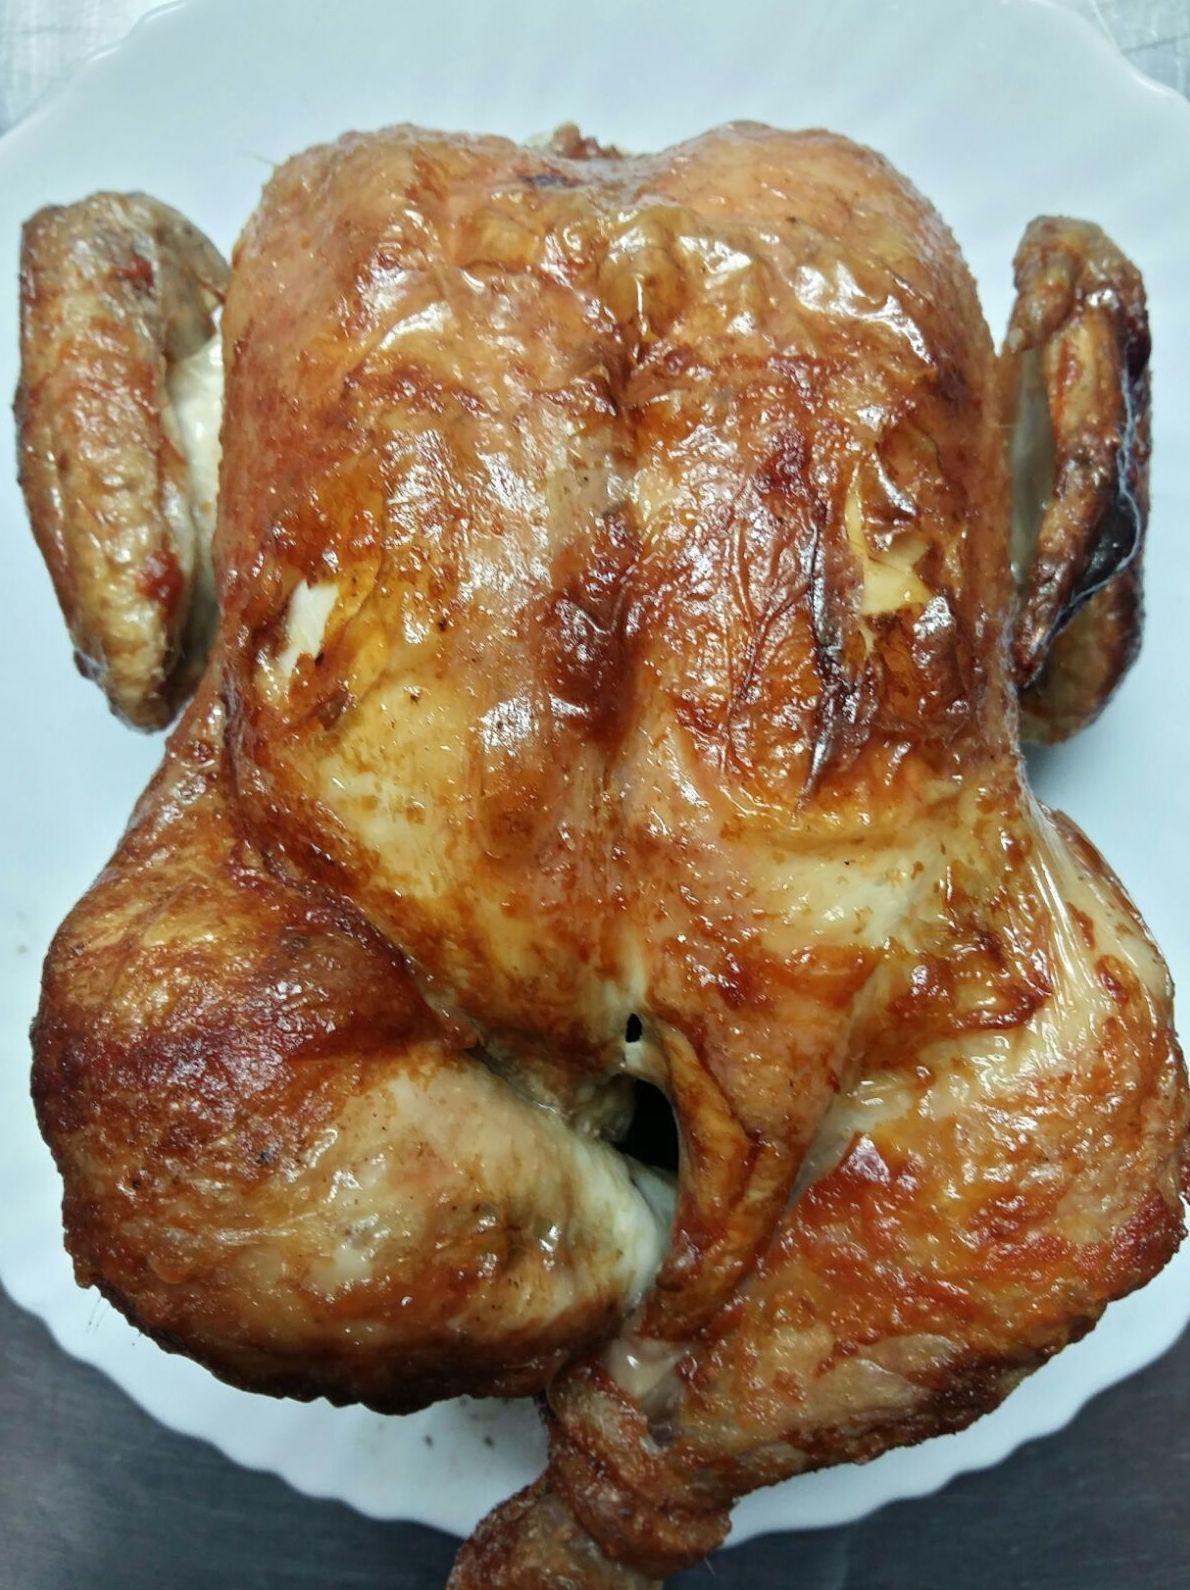 Asador de pollos en vallecas